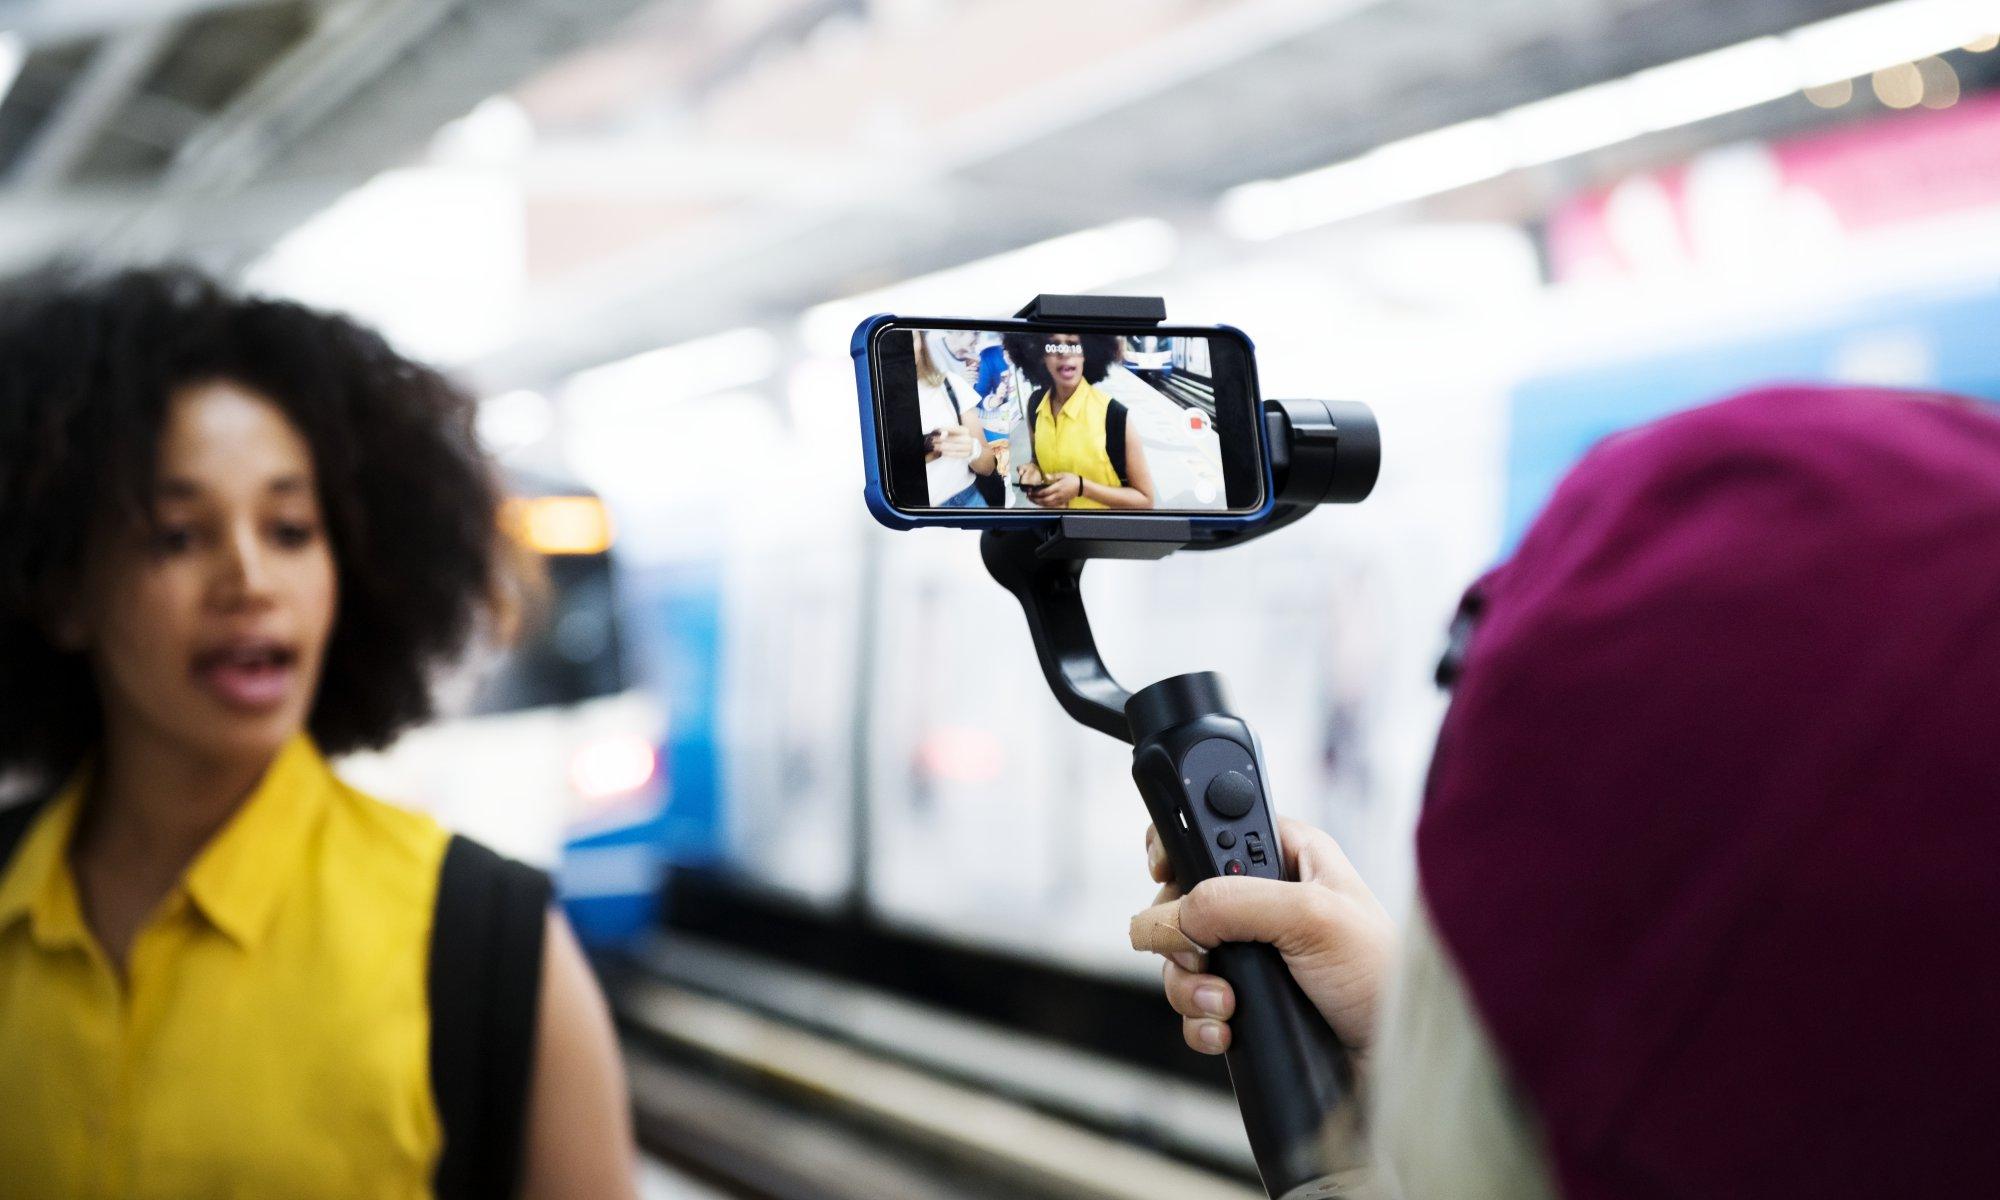 Qual o Impacto do digital influencer nos hábitos de consumo do seu público alvo?